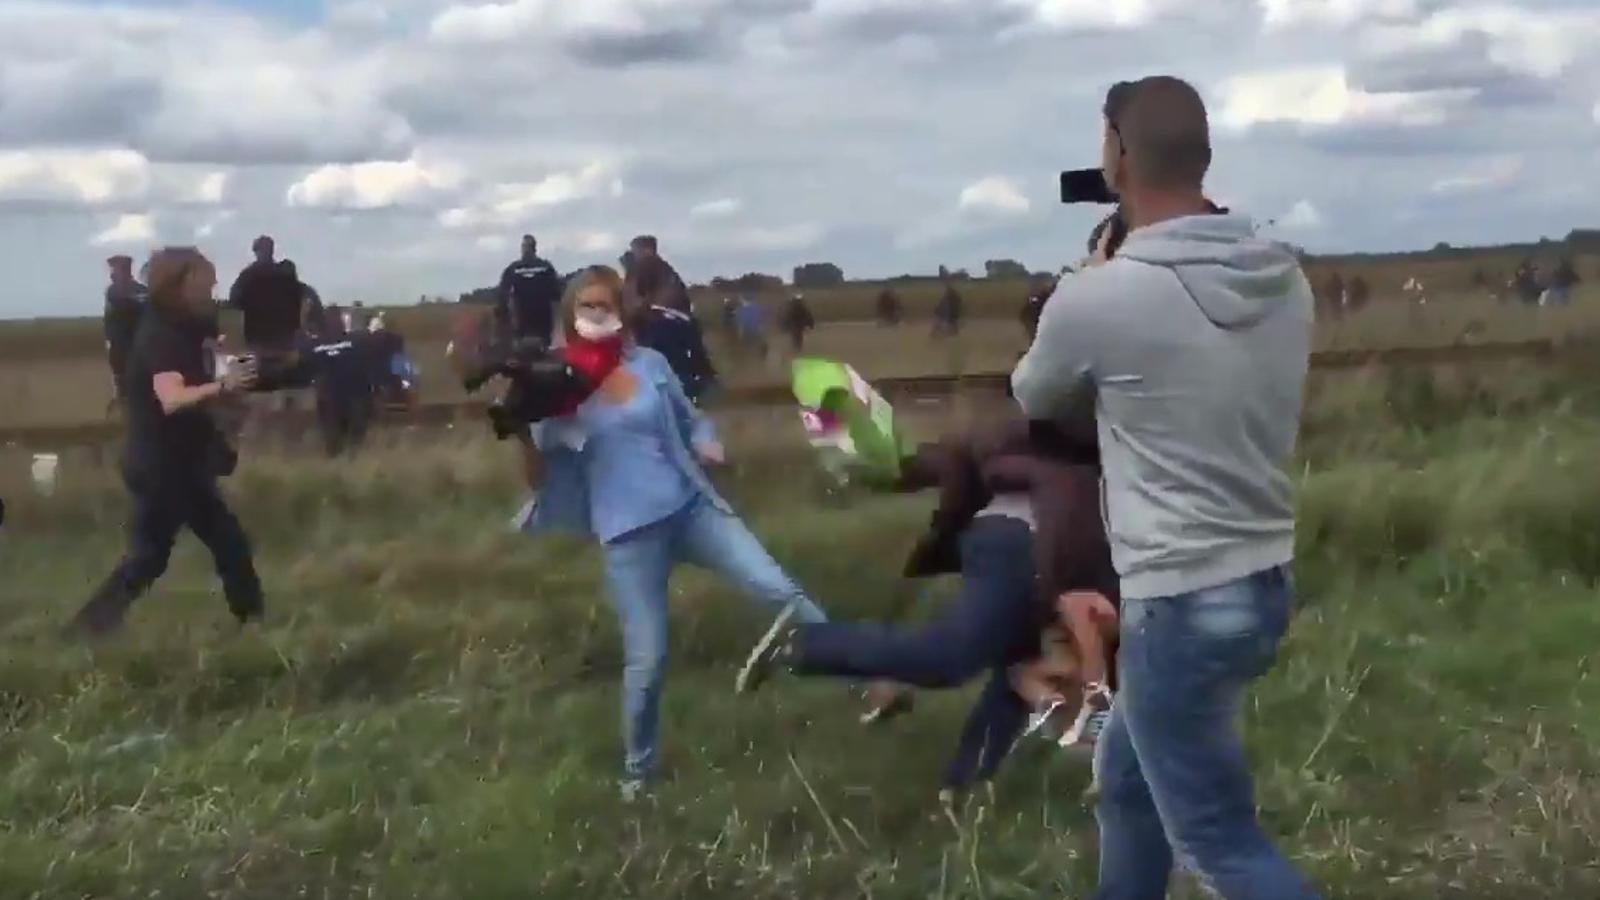 Una reportera de la TV hongaresa fa la traveta a un refugiat sirià que fugia de la policia